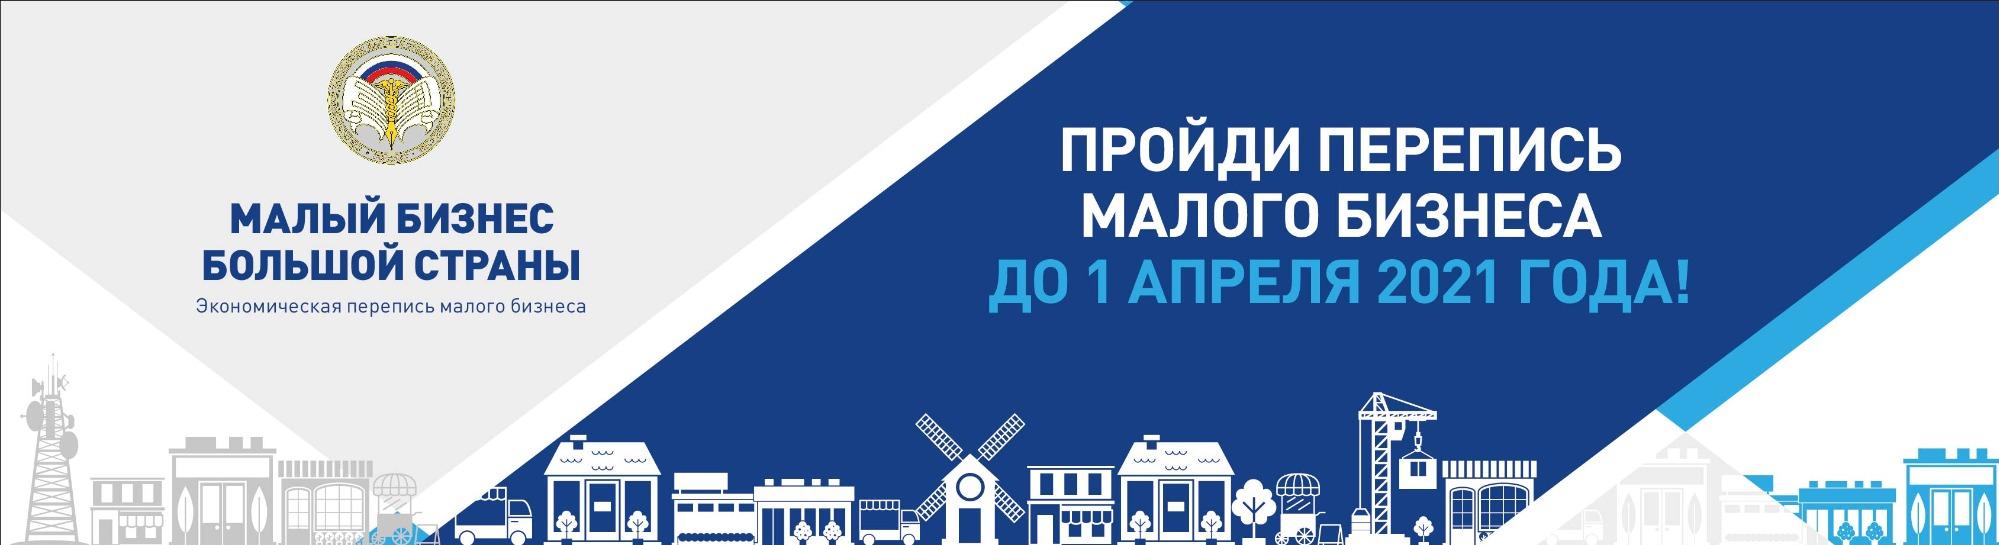 Перепись малого бизнеса в России